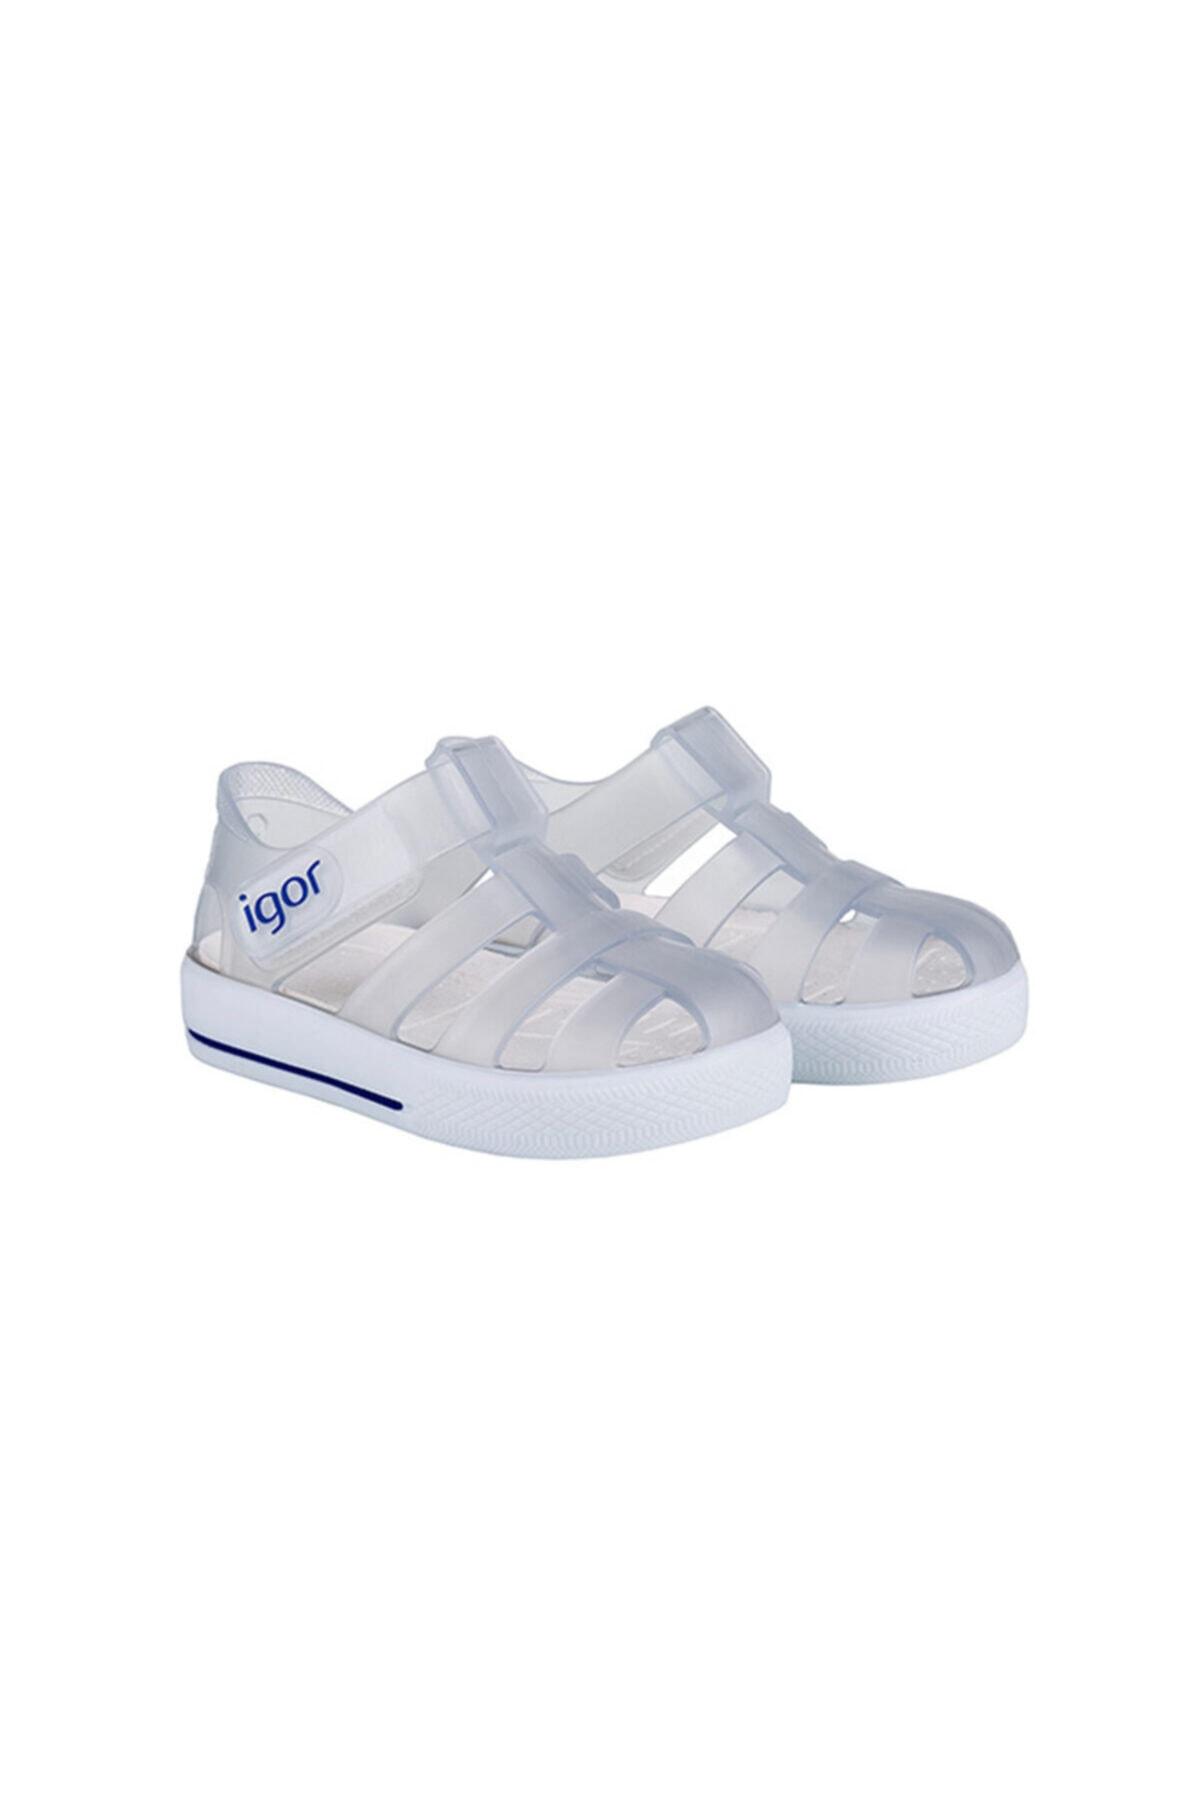 IGOR Bebek Beyaz Star Yazlık Sandalet S10171-038 S10171 2